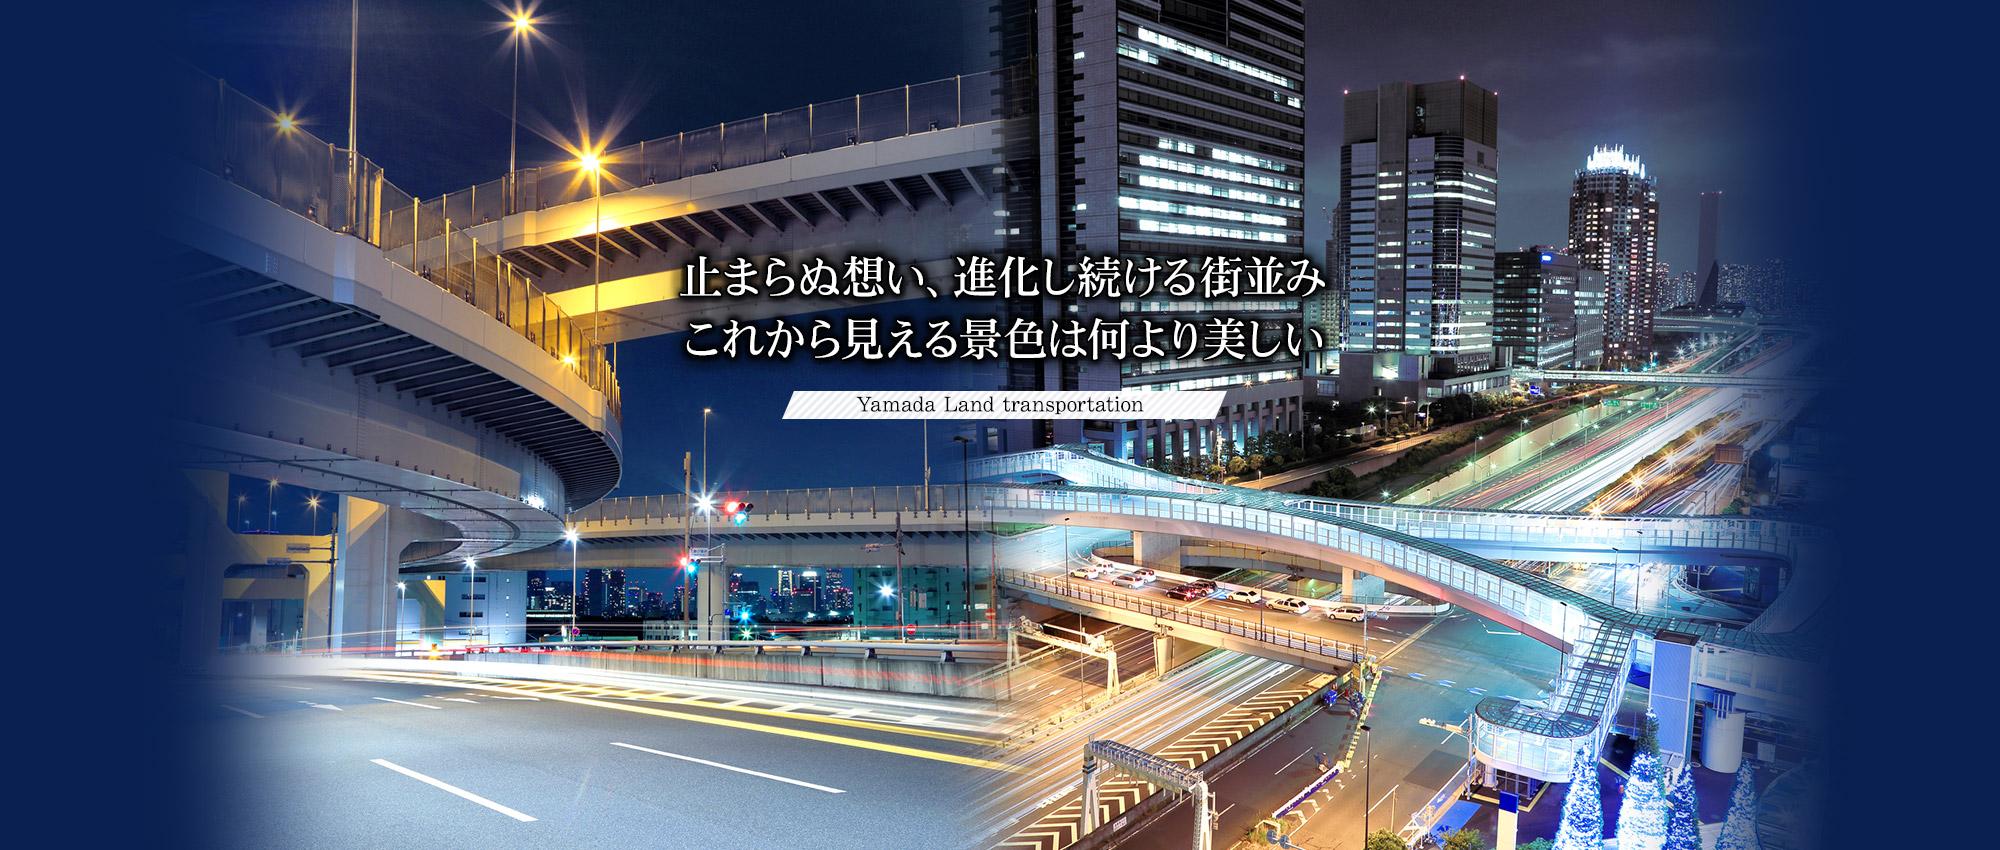 止まらぬ想い、進化し続ける街並み、これから見える景色は何より美しい 。〜Yamada Land transportation〜